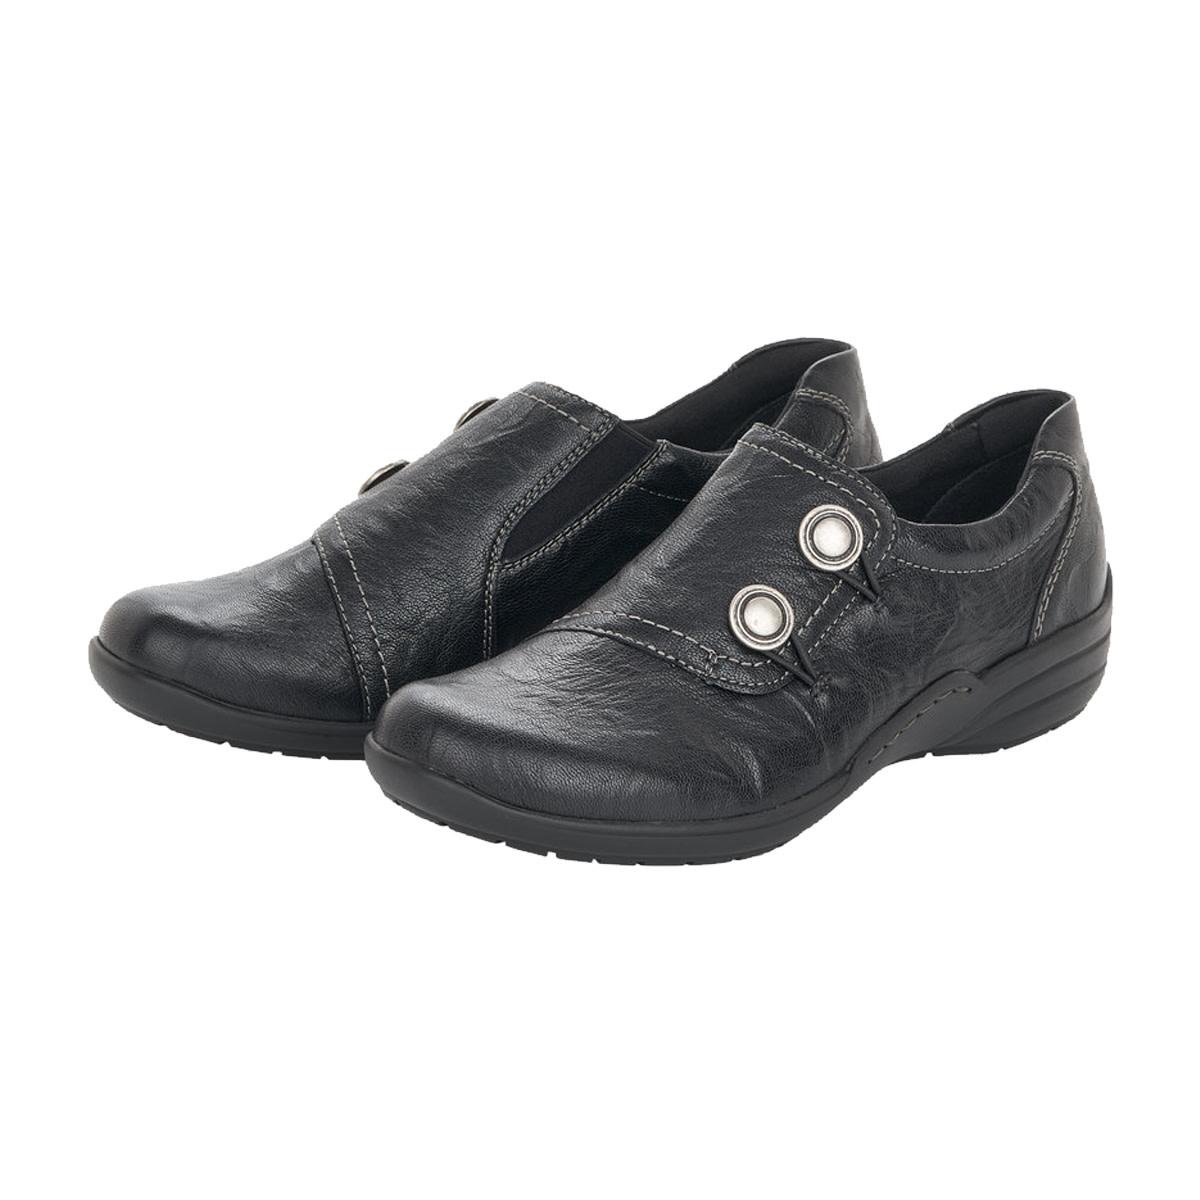 Remonte Remonte Women's R7620-01 Black